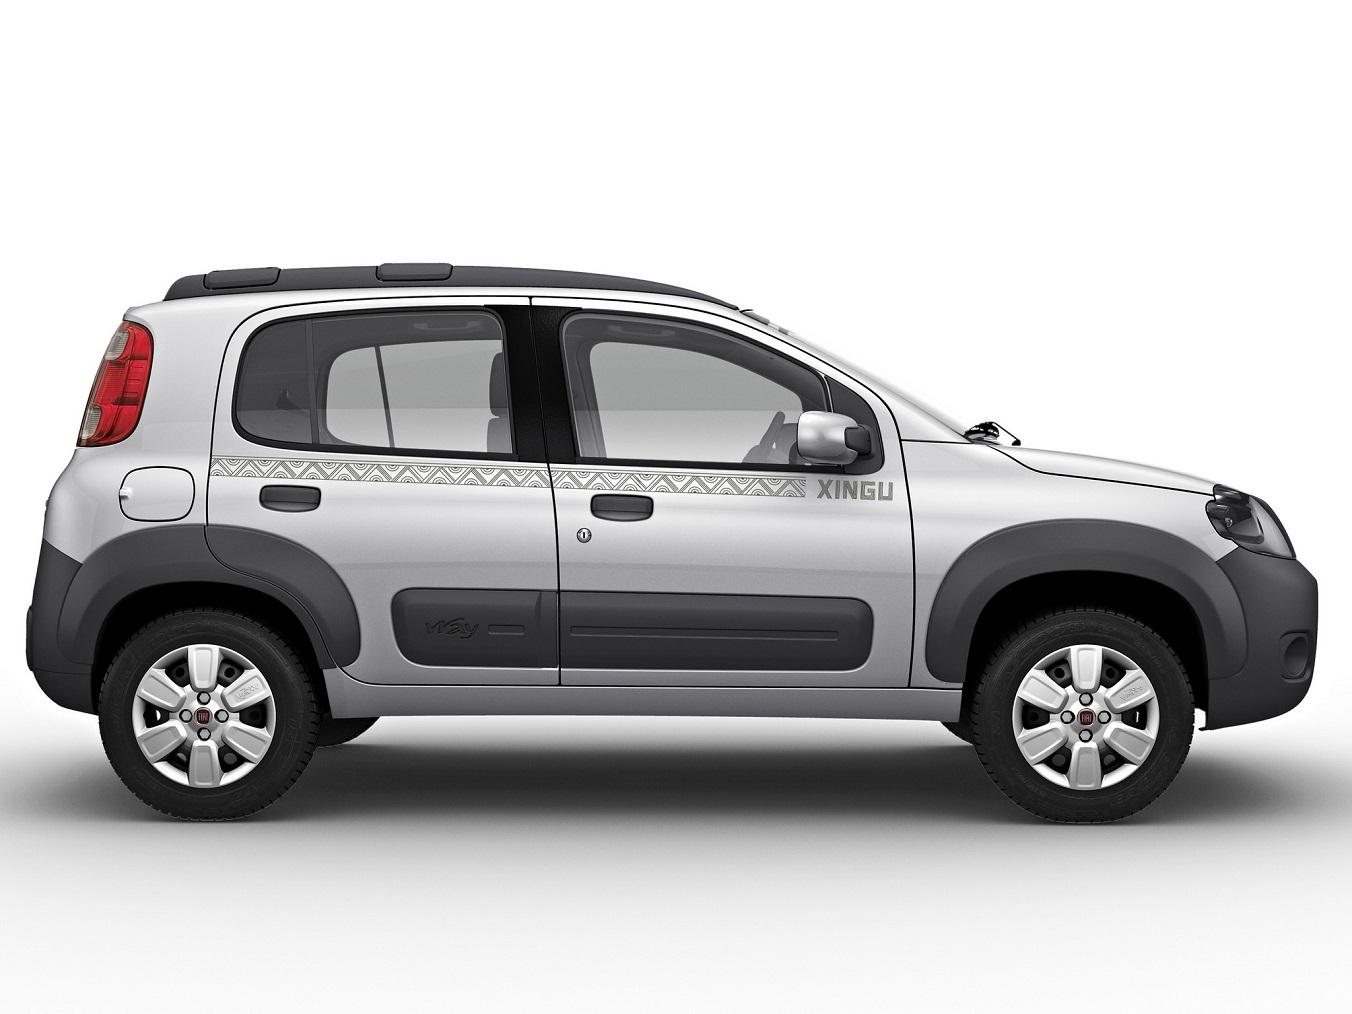 Fiat Uno Way Xingu